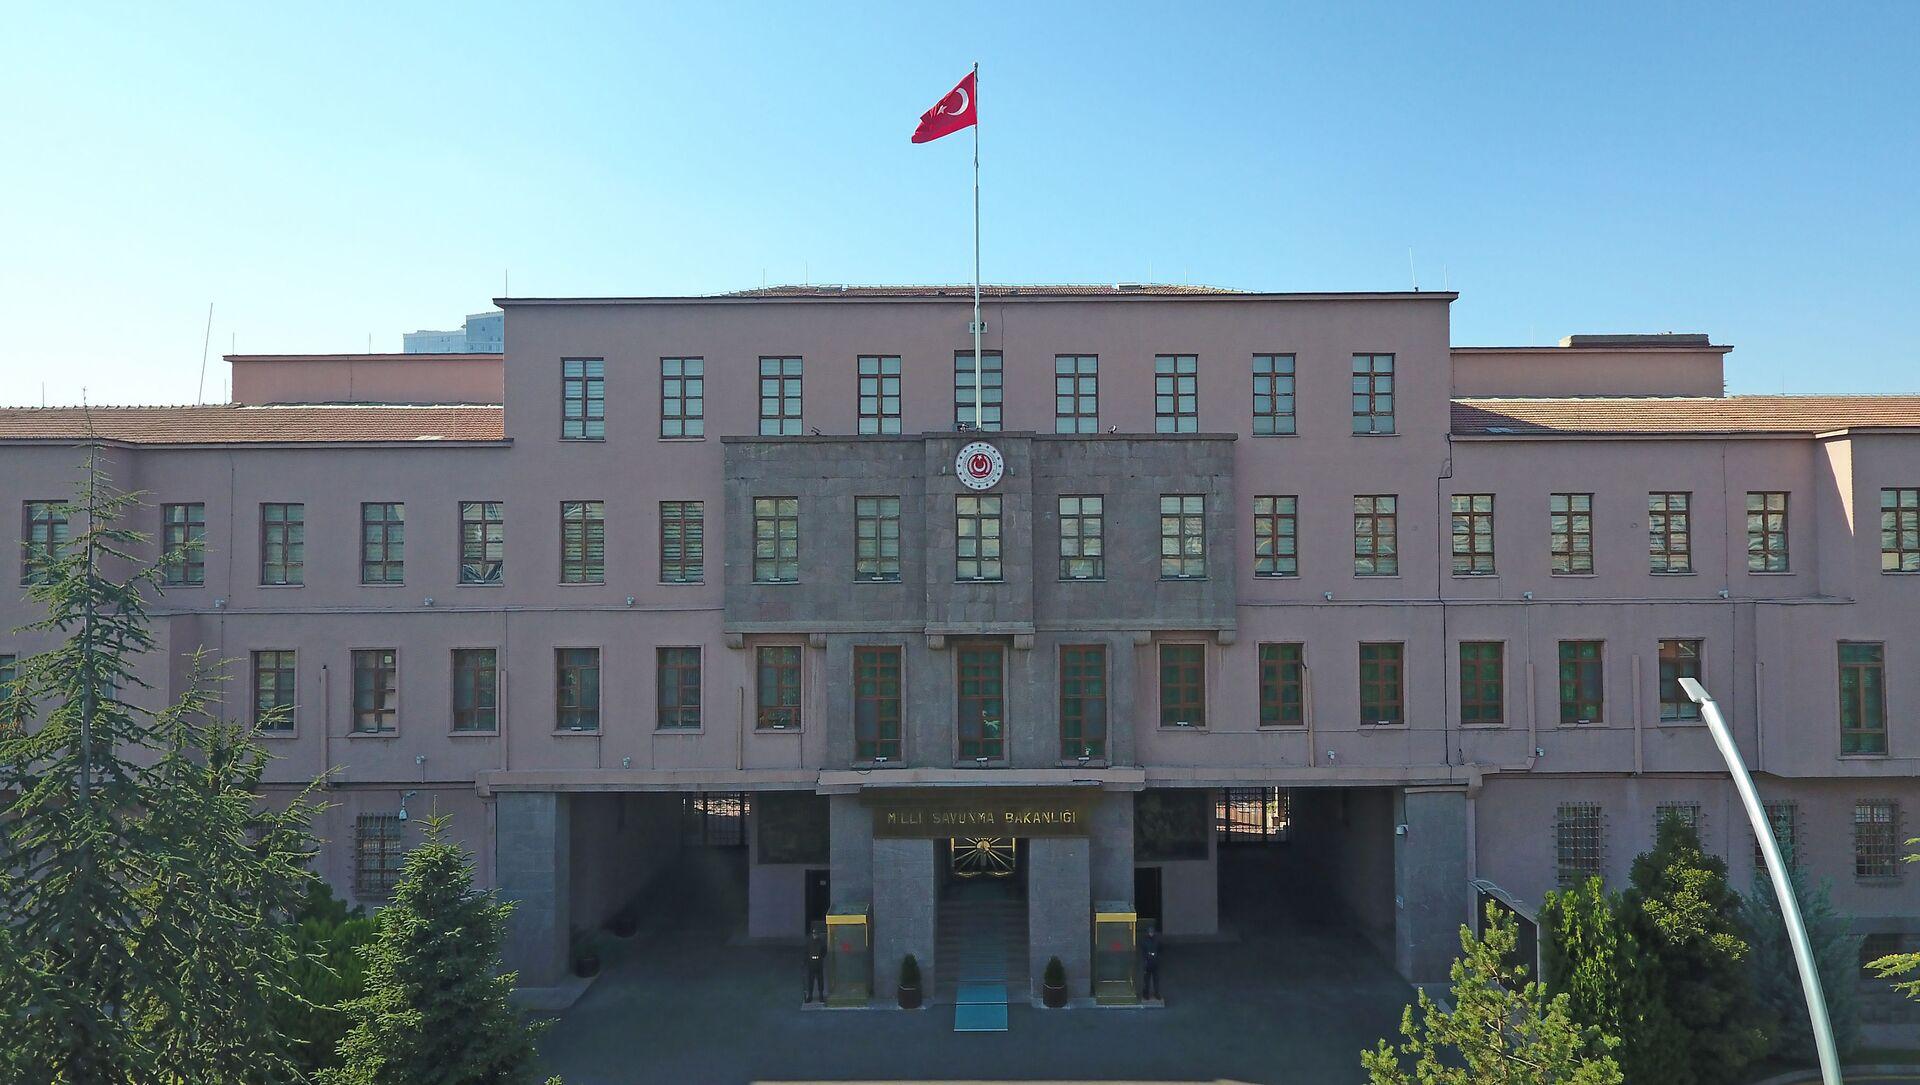 Türkiyənin Milli Müdafiə Nazirliyinin binası, arxiv şəkli - Sputnik Азербайджан, 1920, 07.04.2021